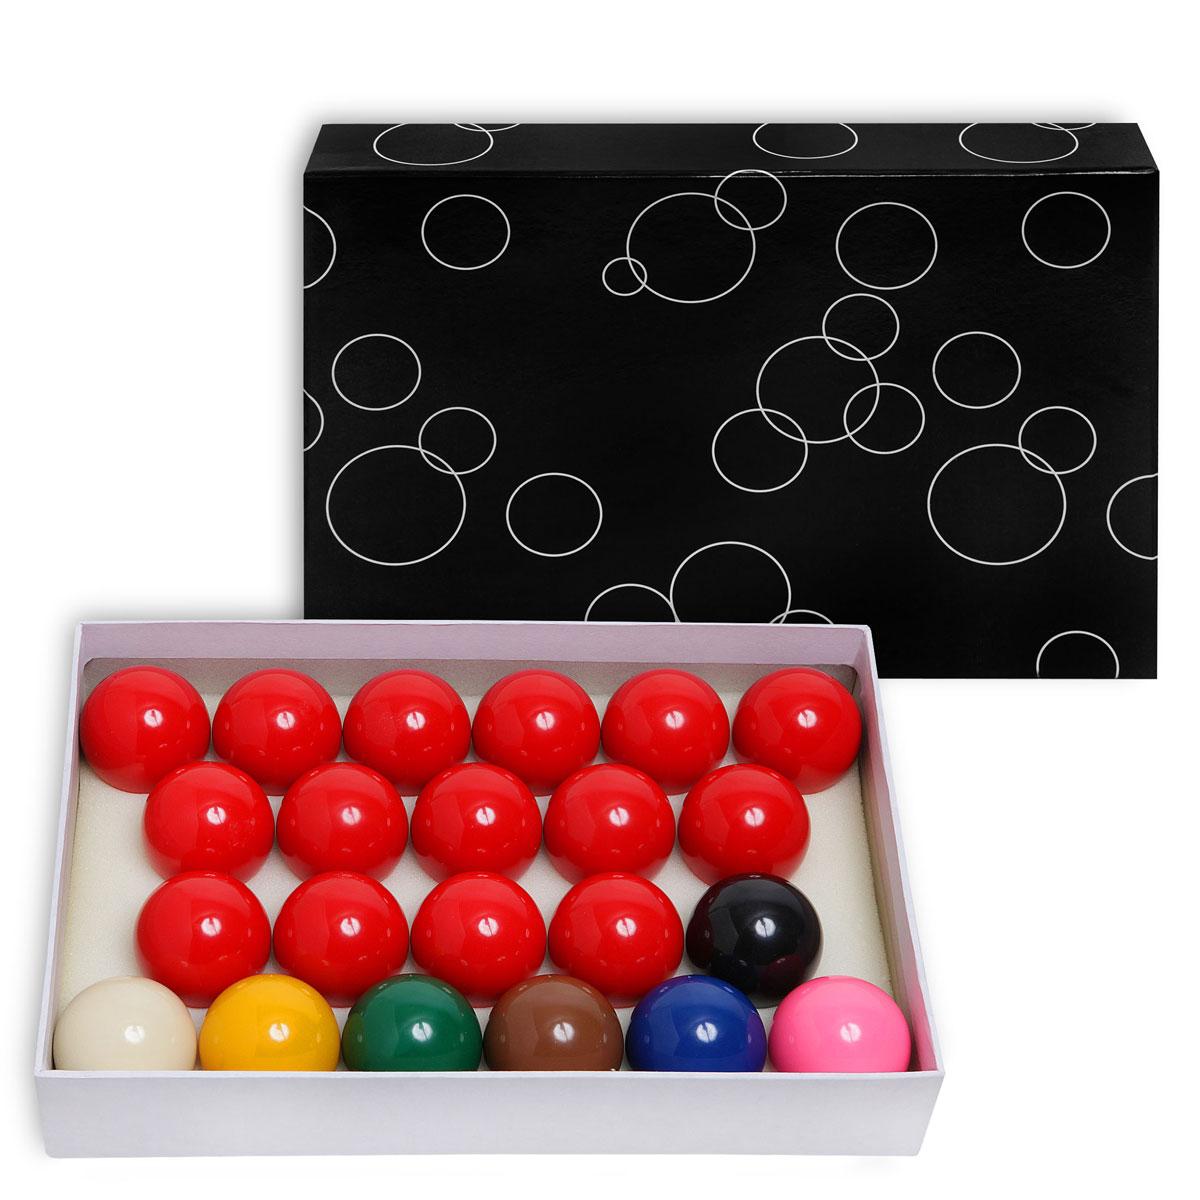 Бильярдные шары Standard Snooker, 52,4 мм06635Бильярдные шары Standard Snooker - экономичный стандартный набор бильярдных шаров для игры в снукер. Рекомендуется для использования в условиях невысокой игровой нагрузки. Описание комплекта: Шаров в комплекте: 22. Вид бильярда: снукер.